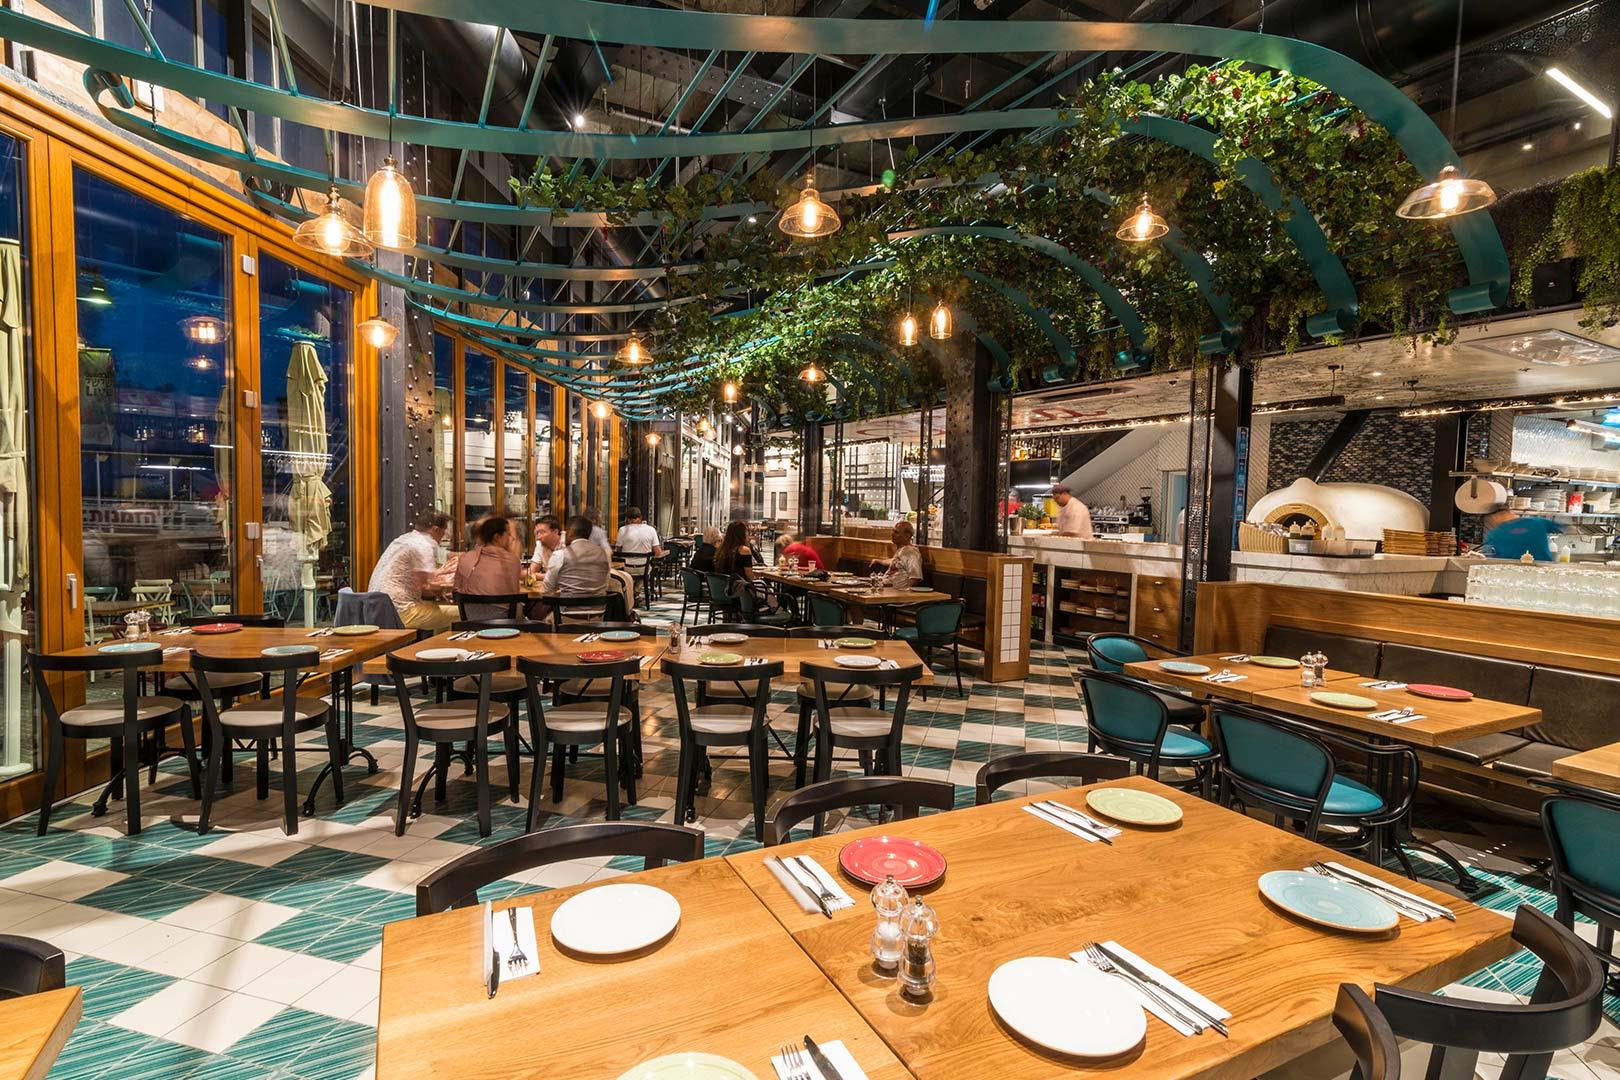 وجبة غداء شهيّة في مطعم صقلية بميناء يافا بسعر 54 شيقل